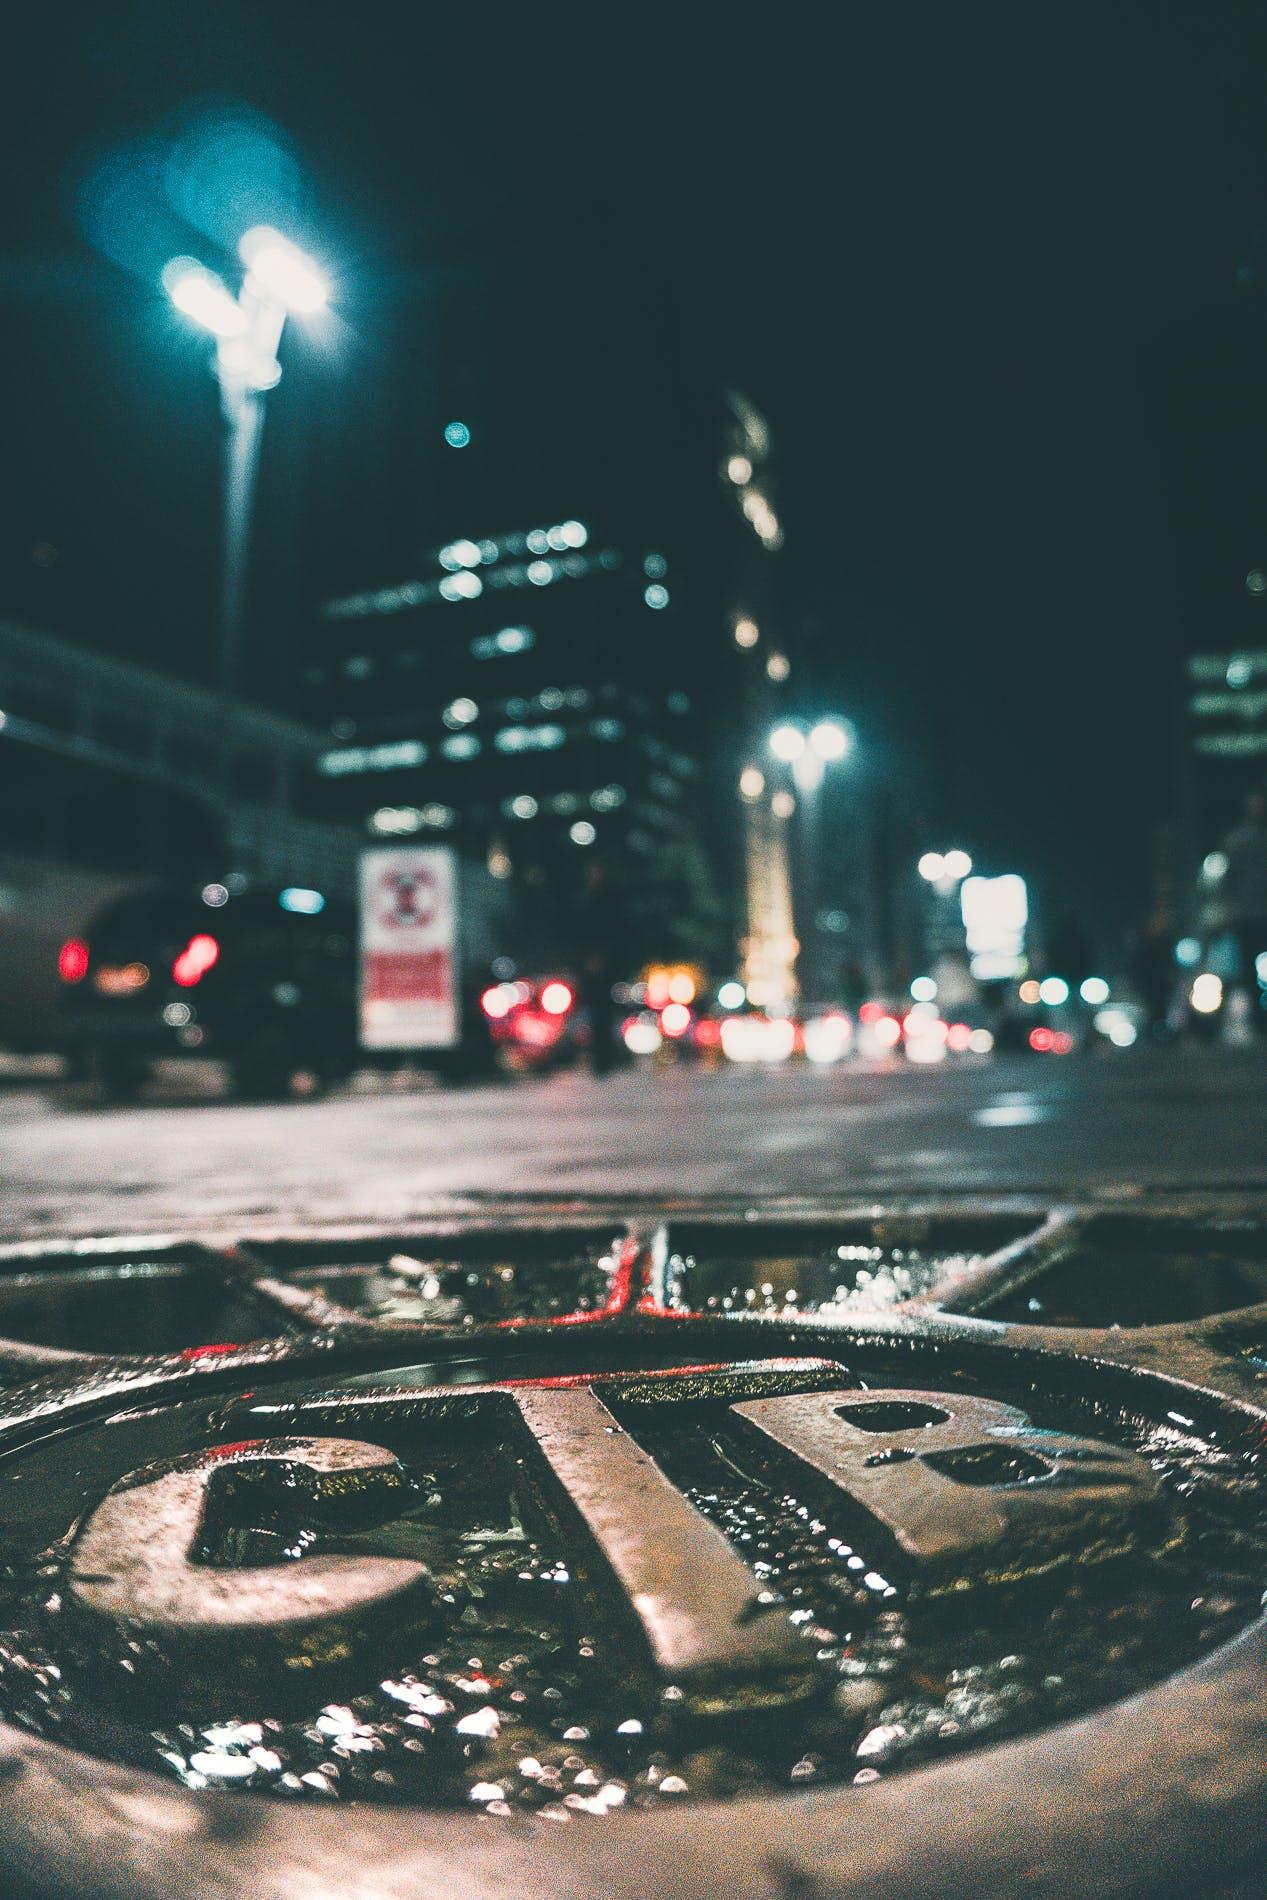 Free stock photo of vehicles, sky, night, dark